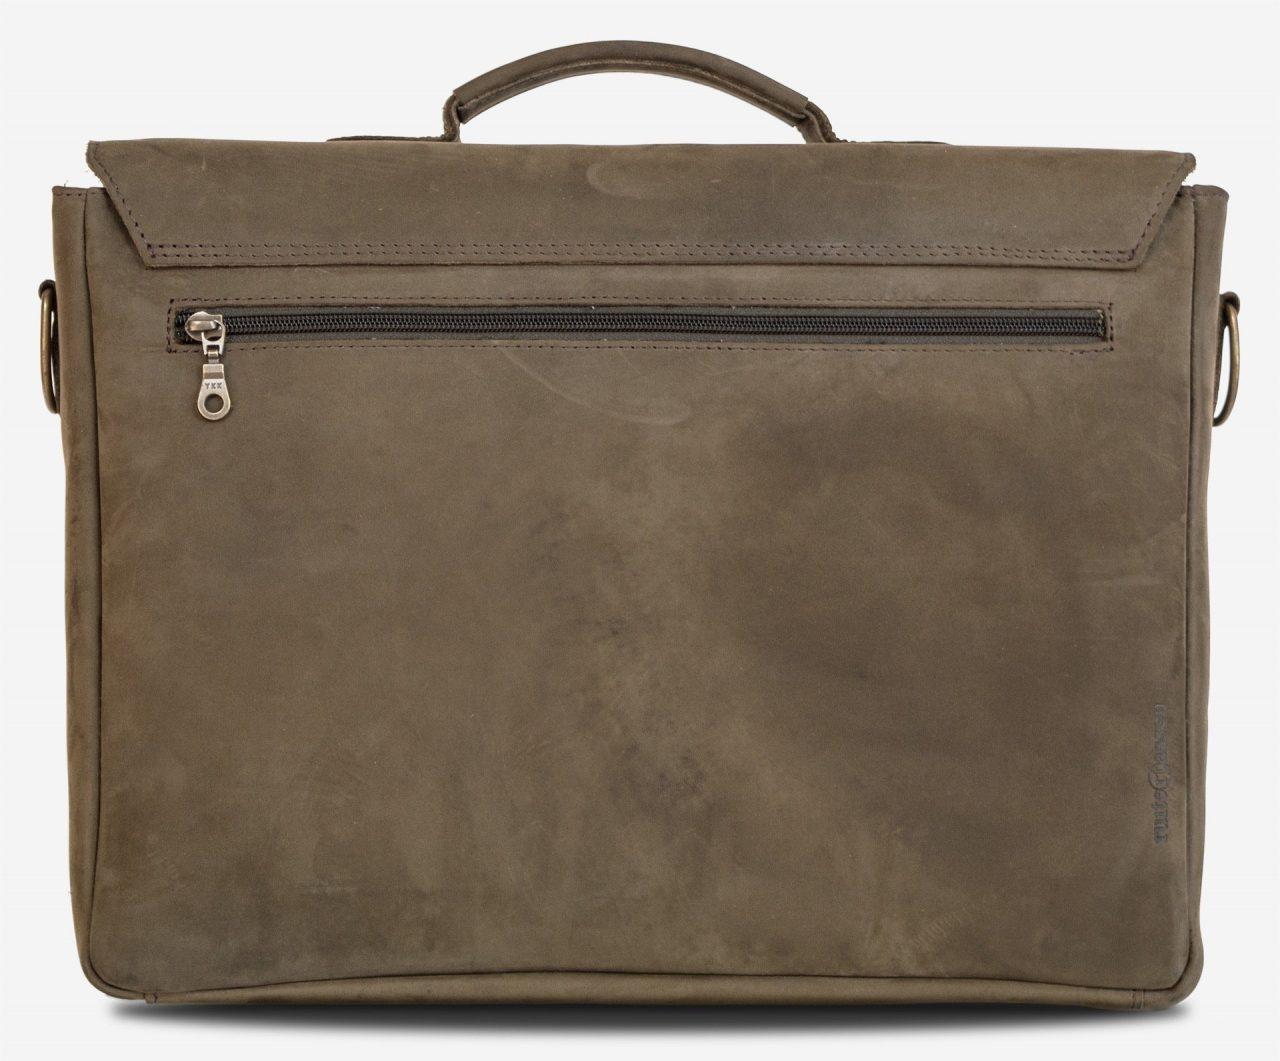 Cartable cuir souple reporter avec poche dans le dos.